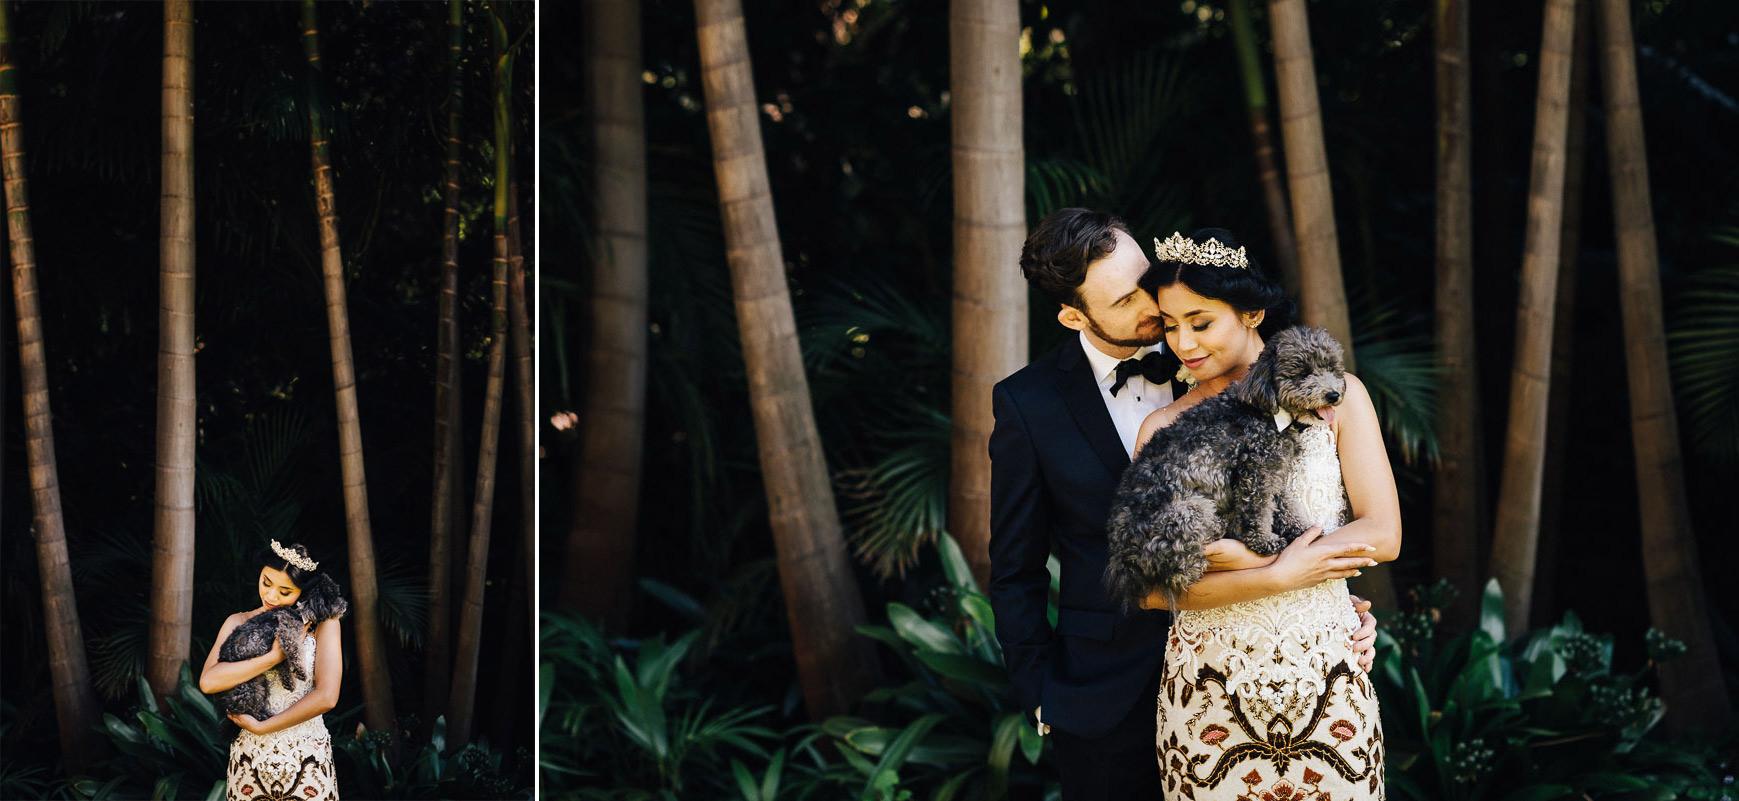 amazing-uwa-wedding-photos2.jpg